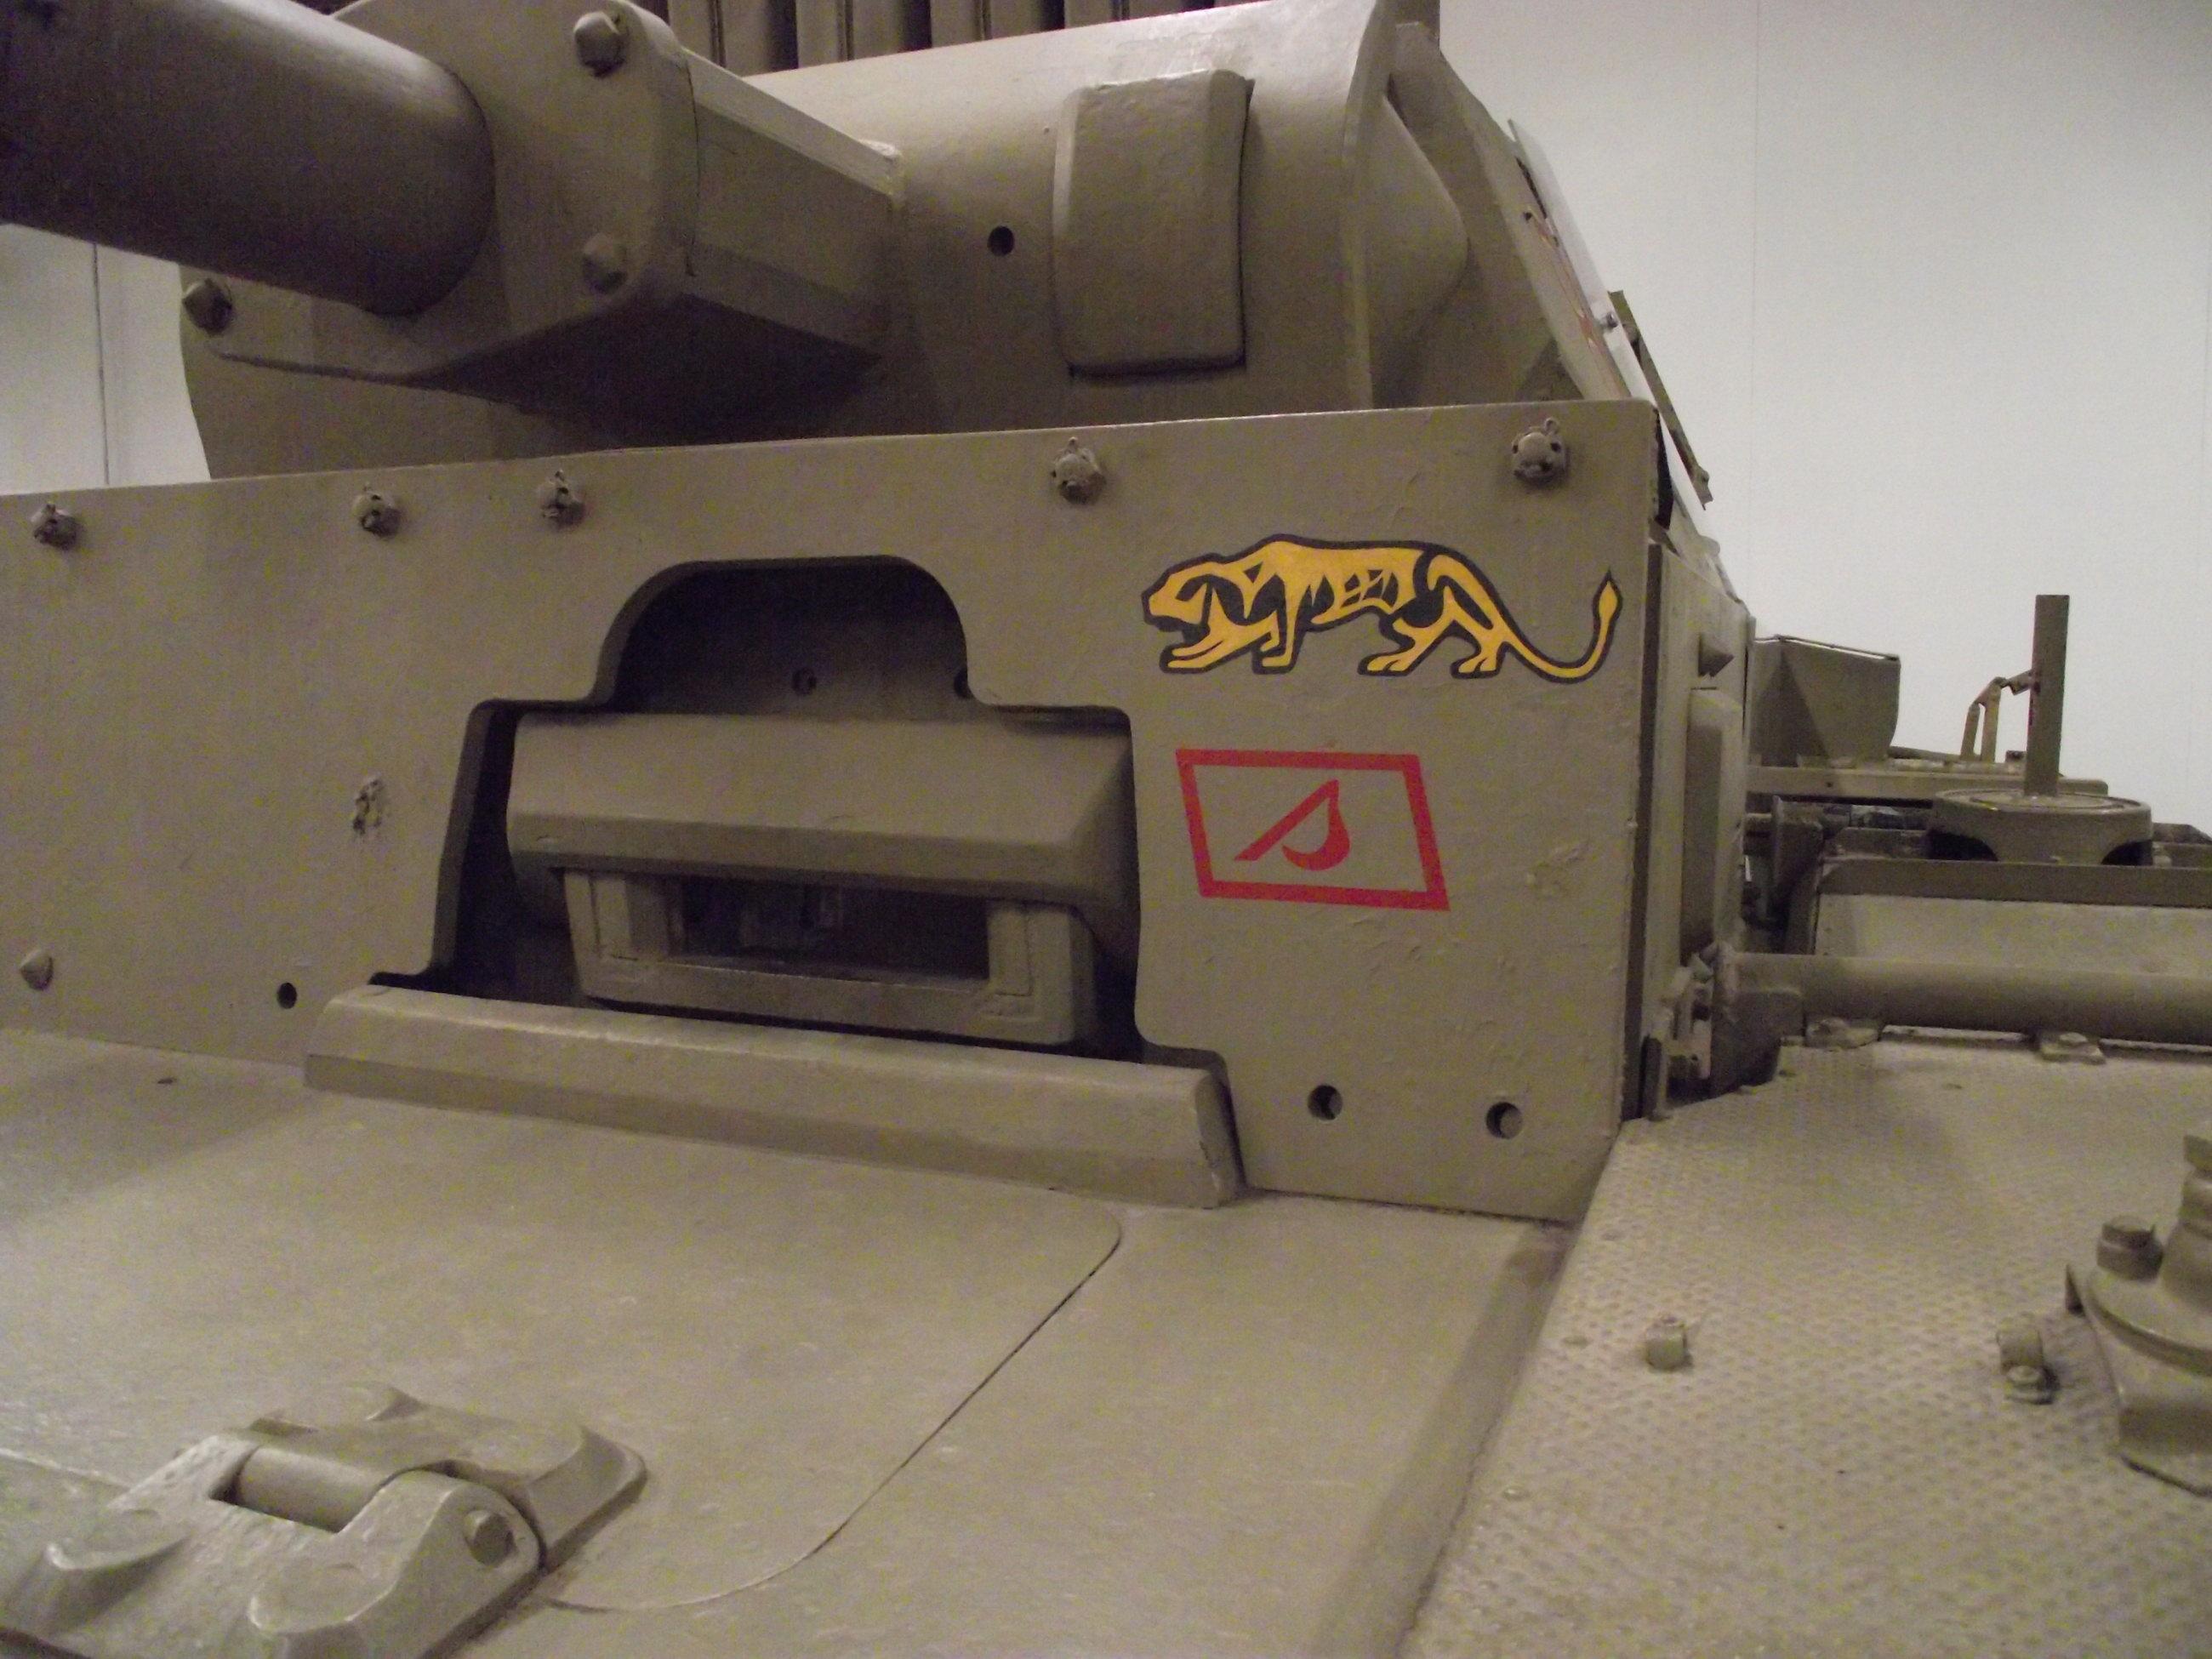 Tank_Museum_20180919_016.jpg